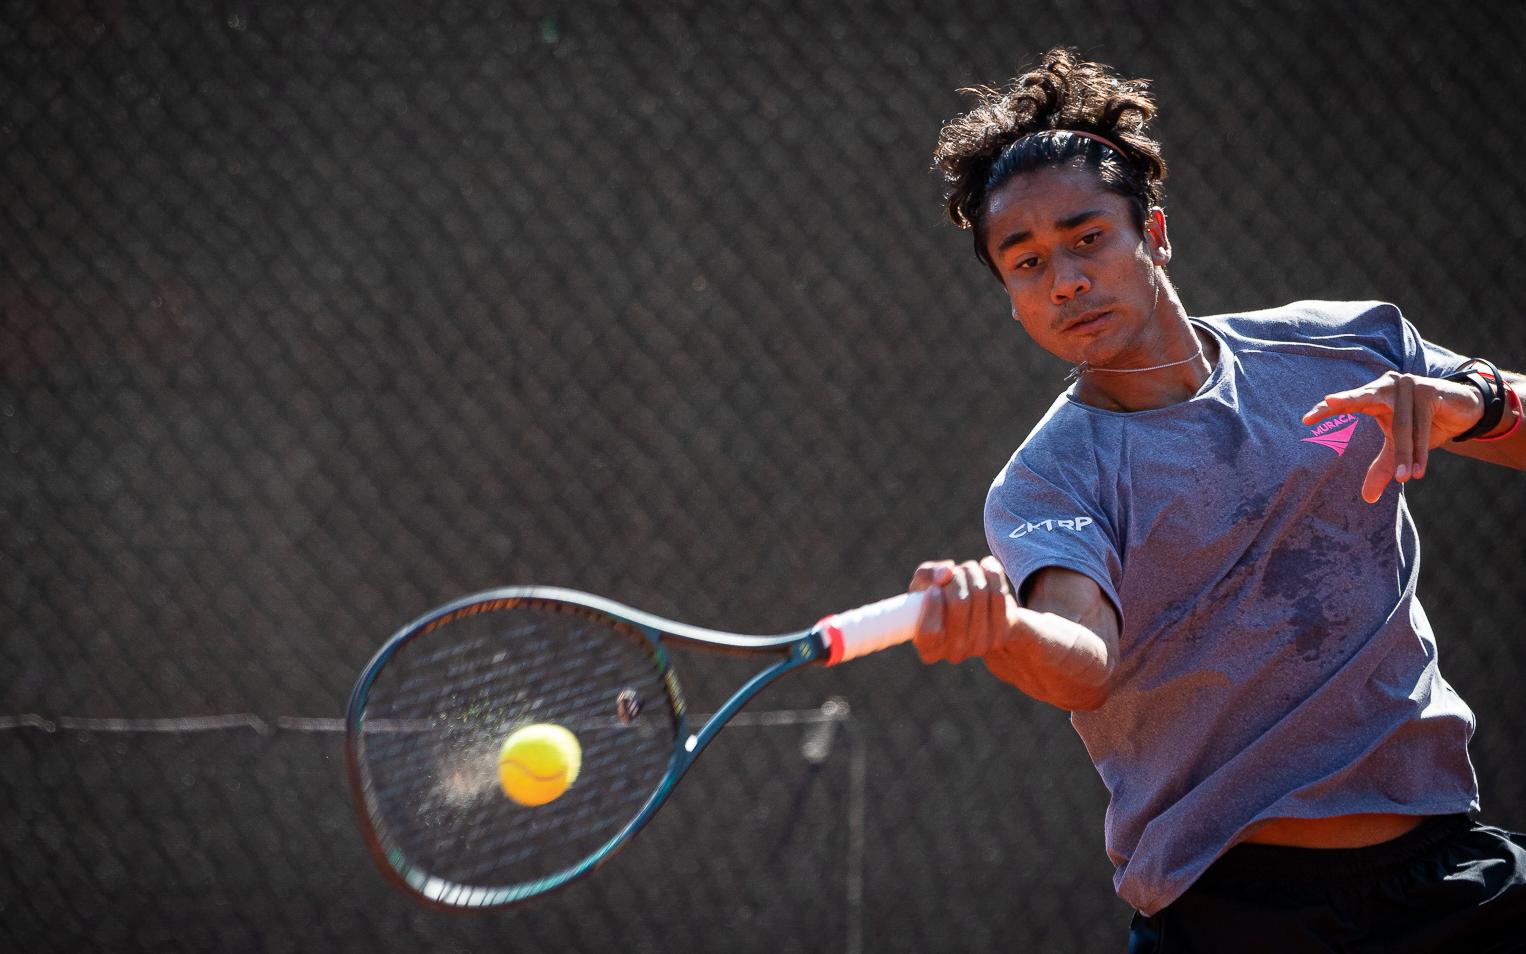 Copa Evane Open de Tênis começa nesta segunda-feira em Cuiabá